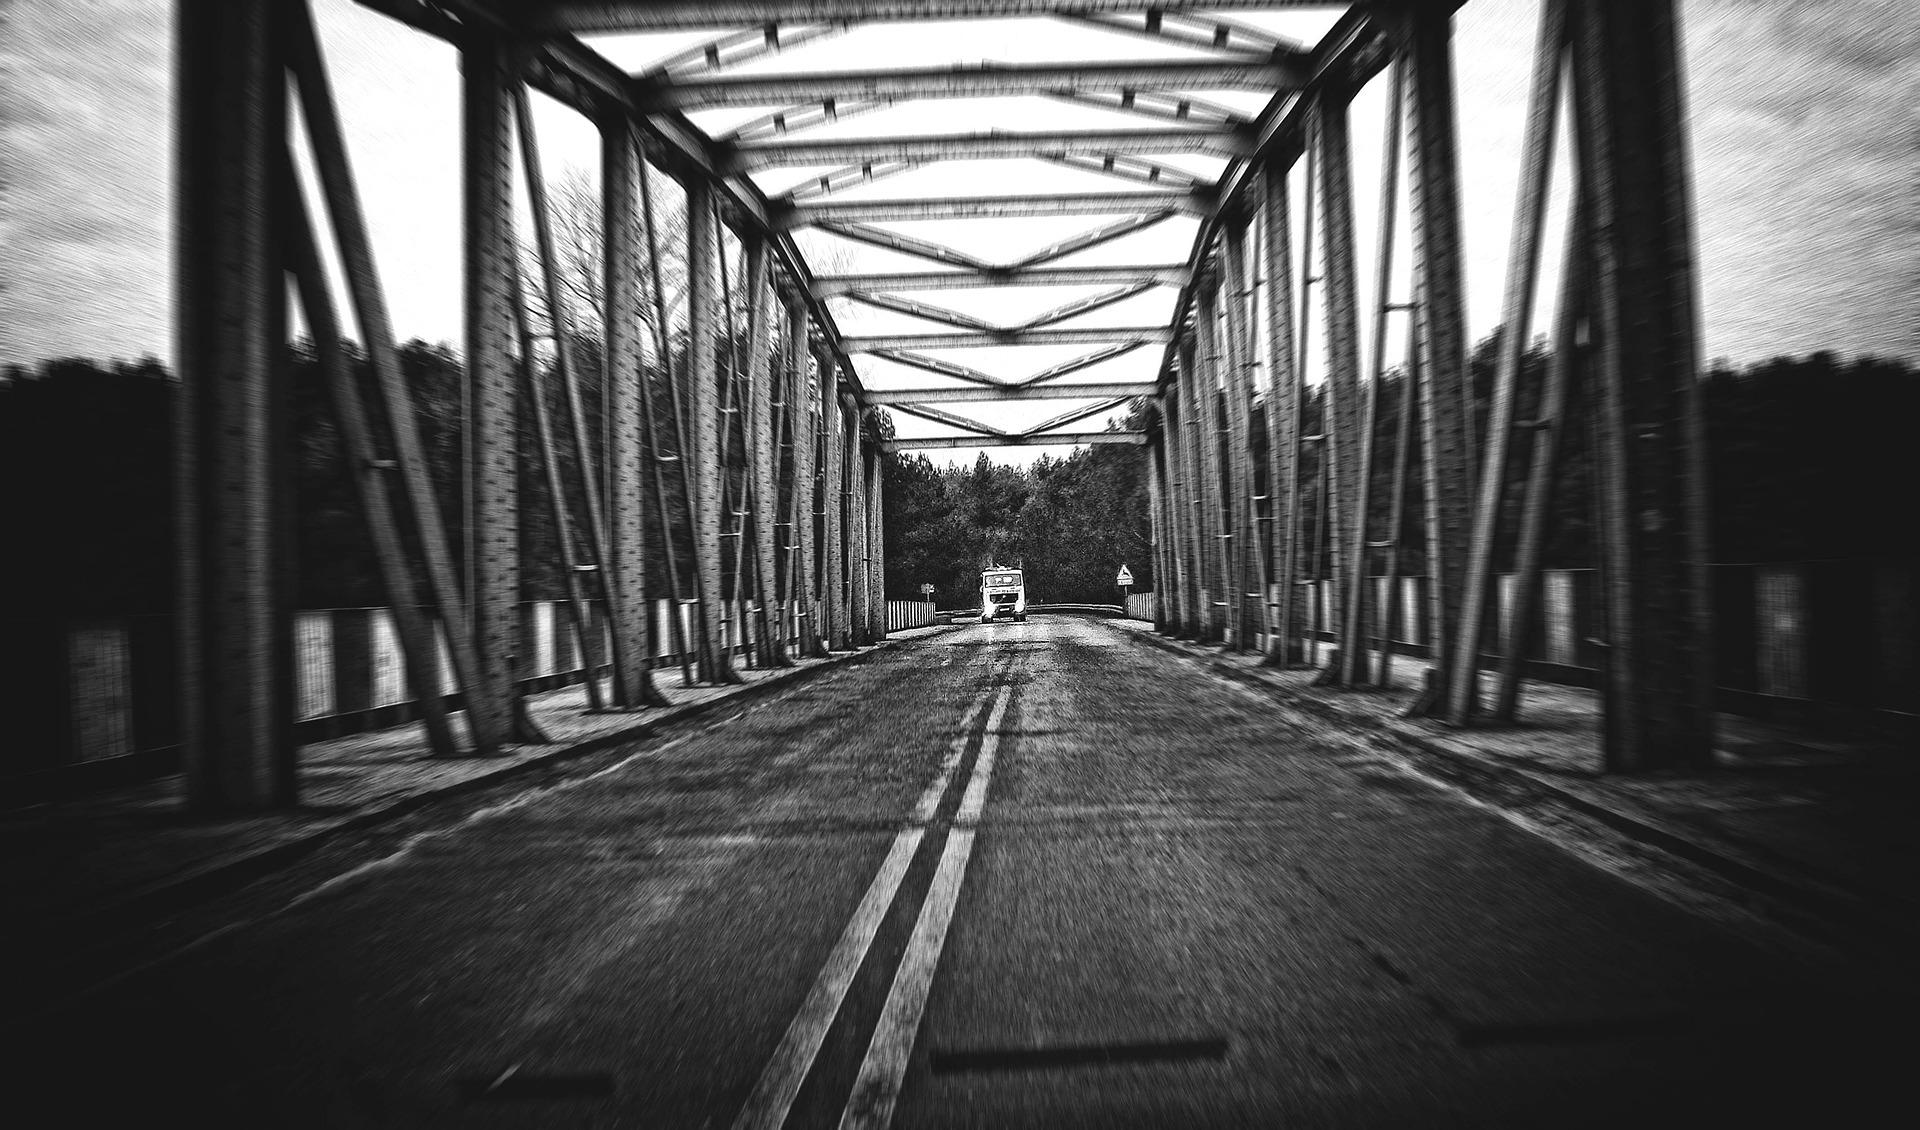 bridge-2891722_1920.jpg